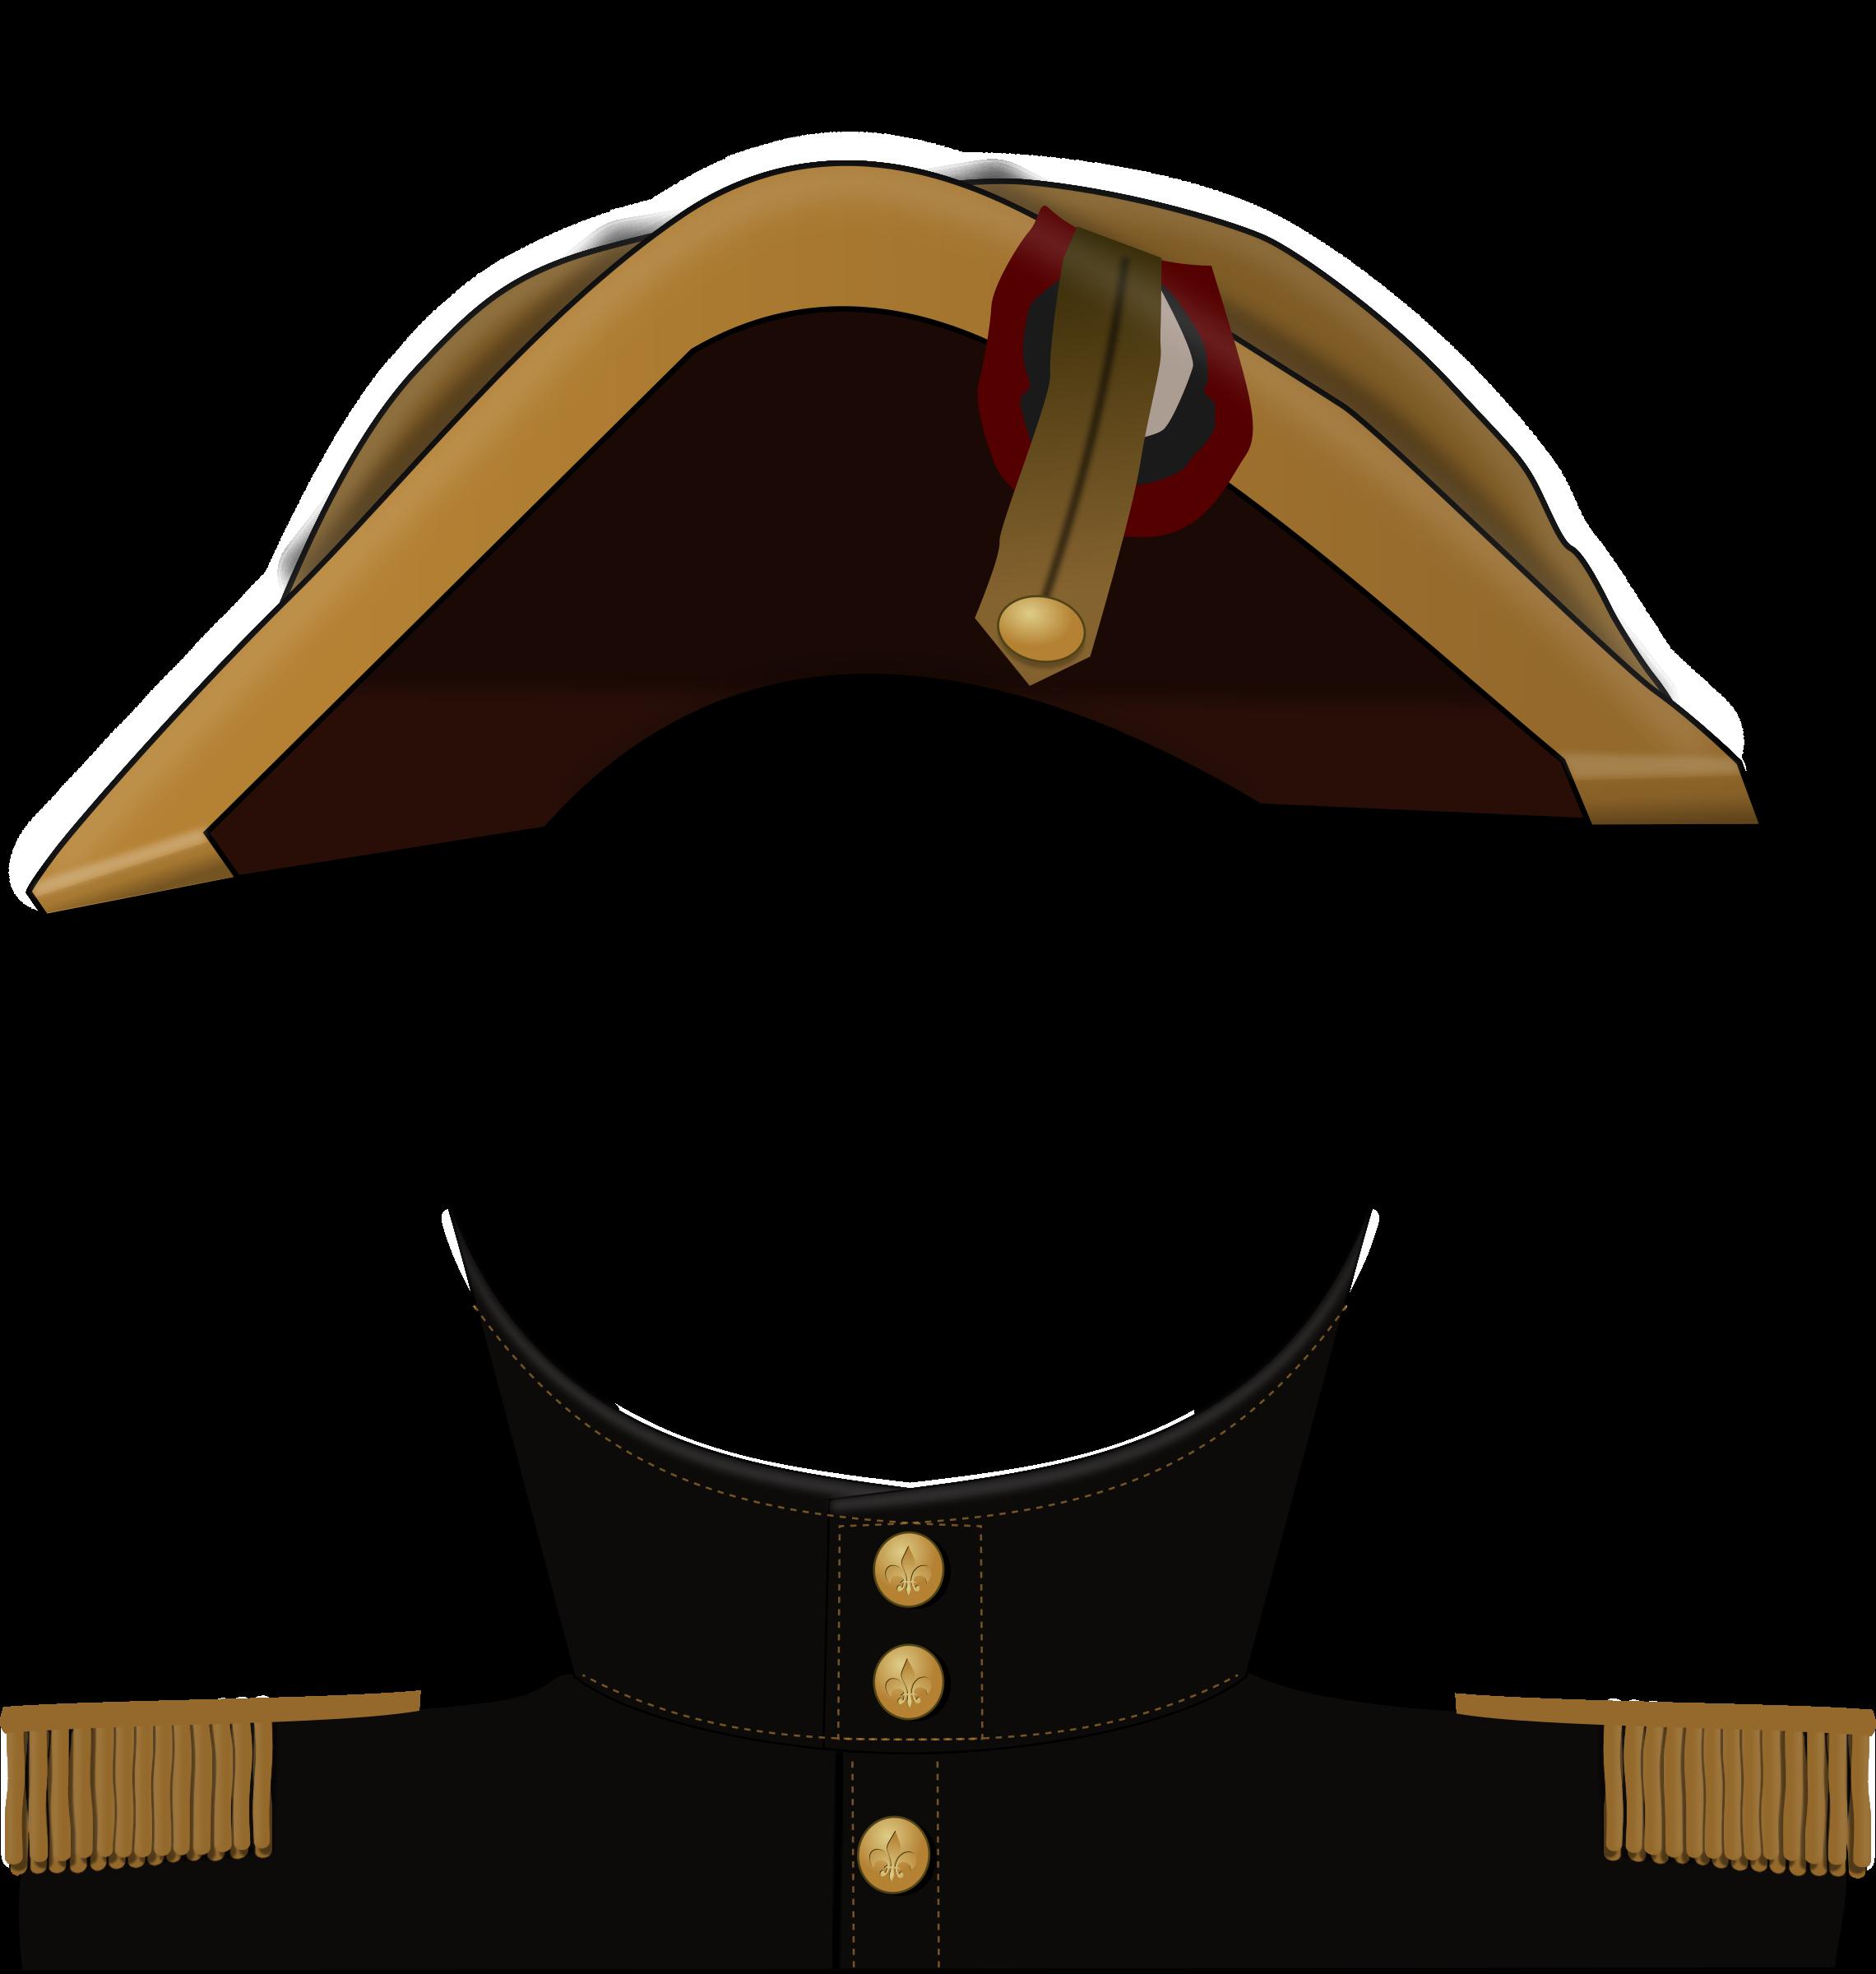 Coat clipart hat. Napoleon big image png